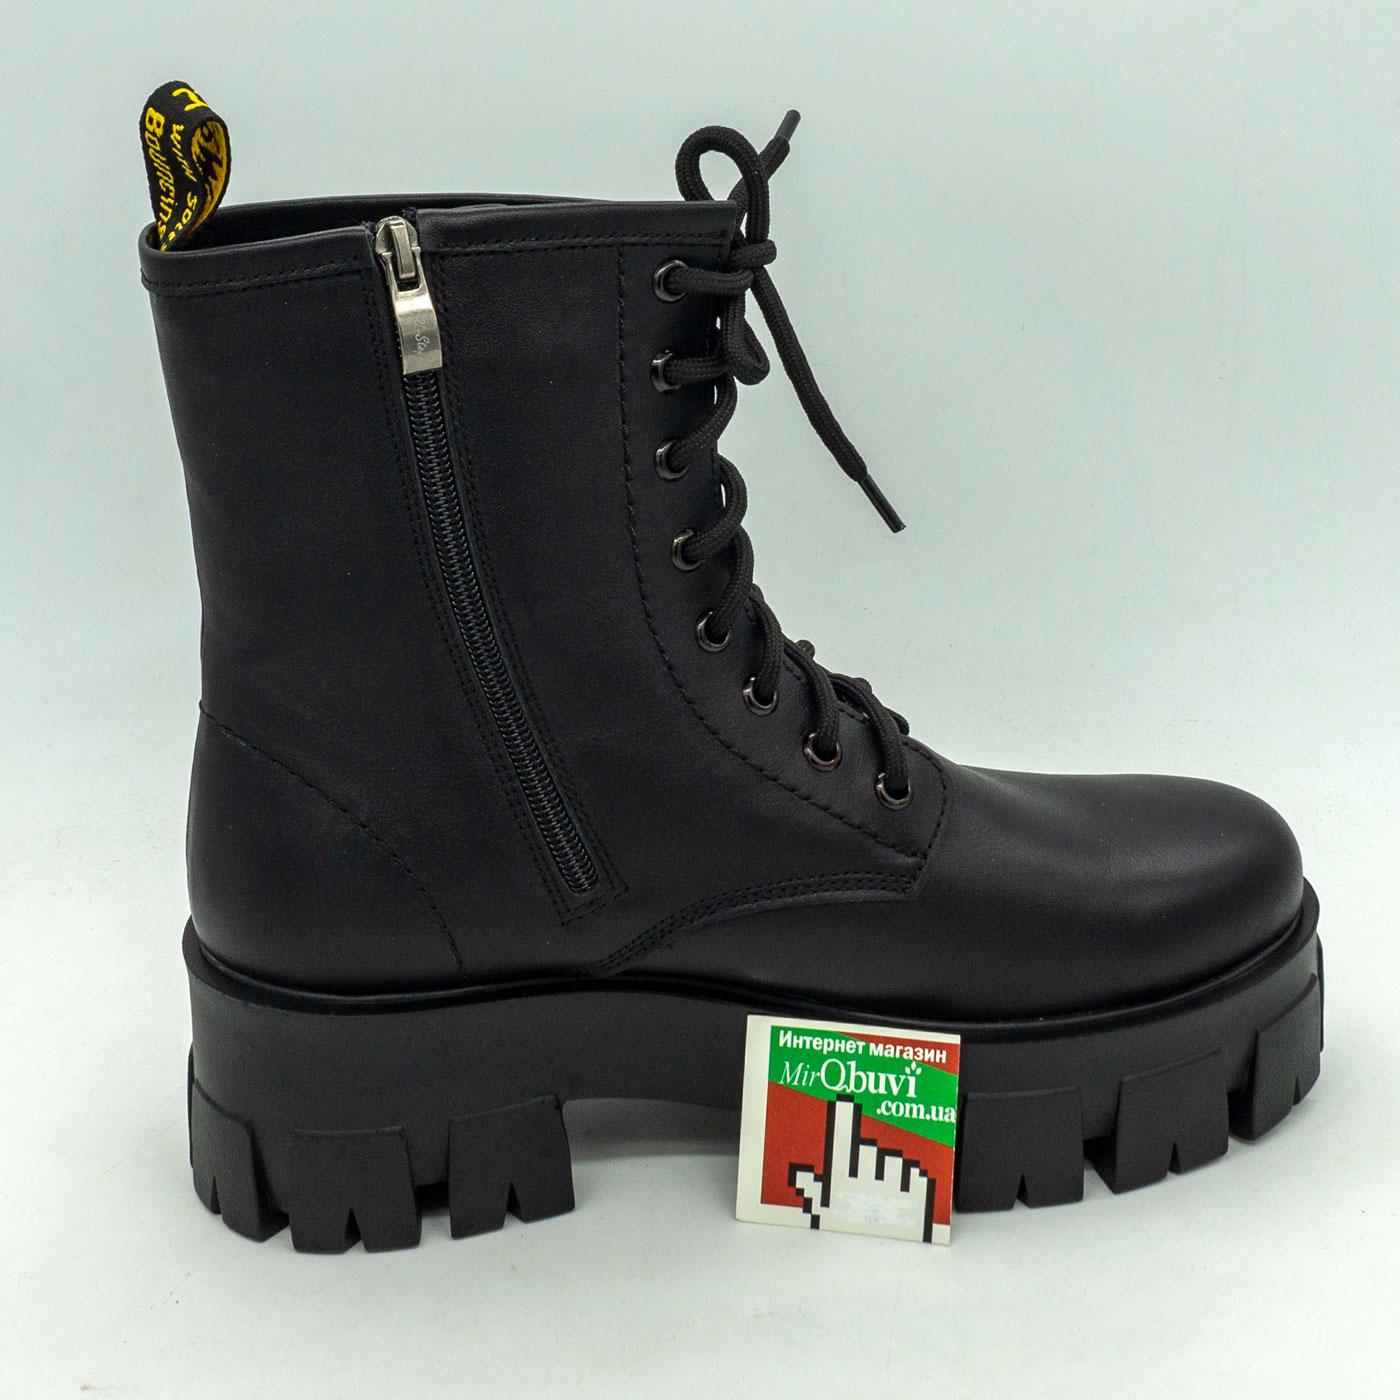 фото front Зимние черные женские ботинки в Dr. Martens на платформе - 004 front